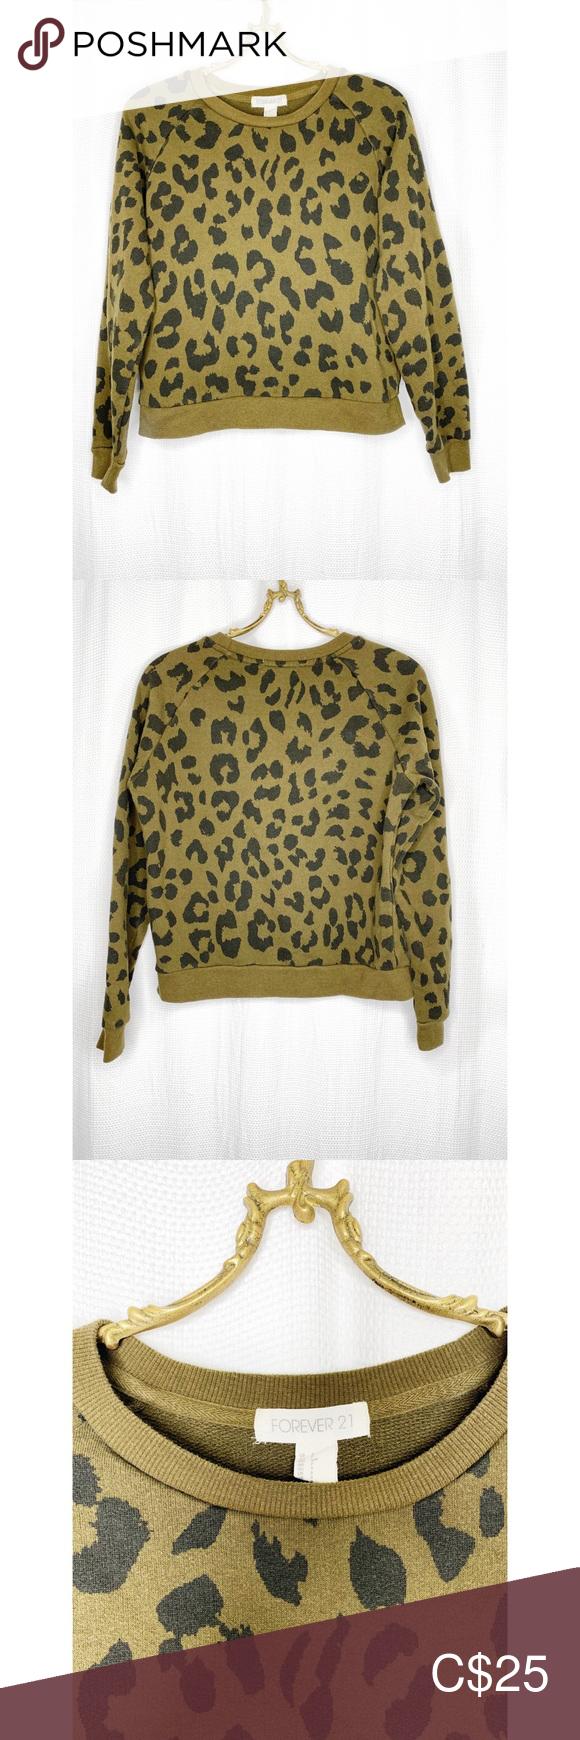 Leopard Print Crew Neck Sweatshirt In 2020 Crew Neck Sweatshirt Tights And Heels Light Denim [ 1740 x 580 Pixel ]